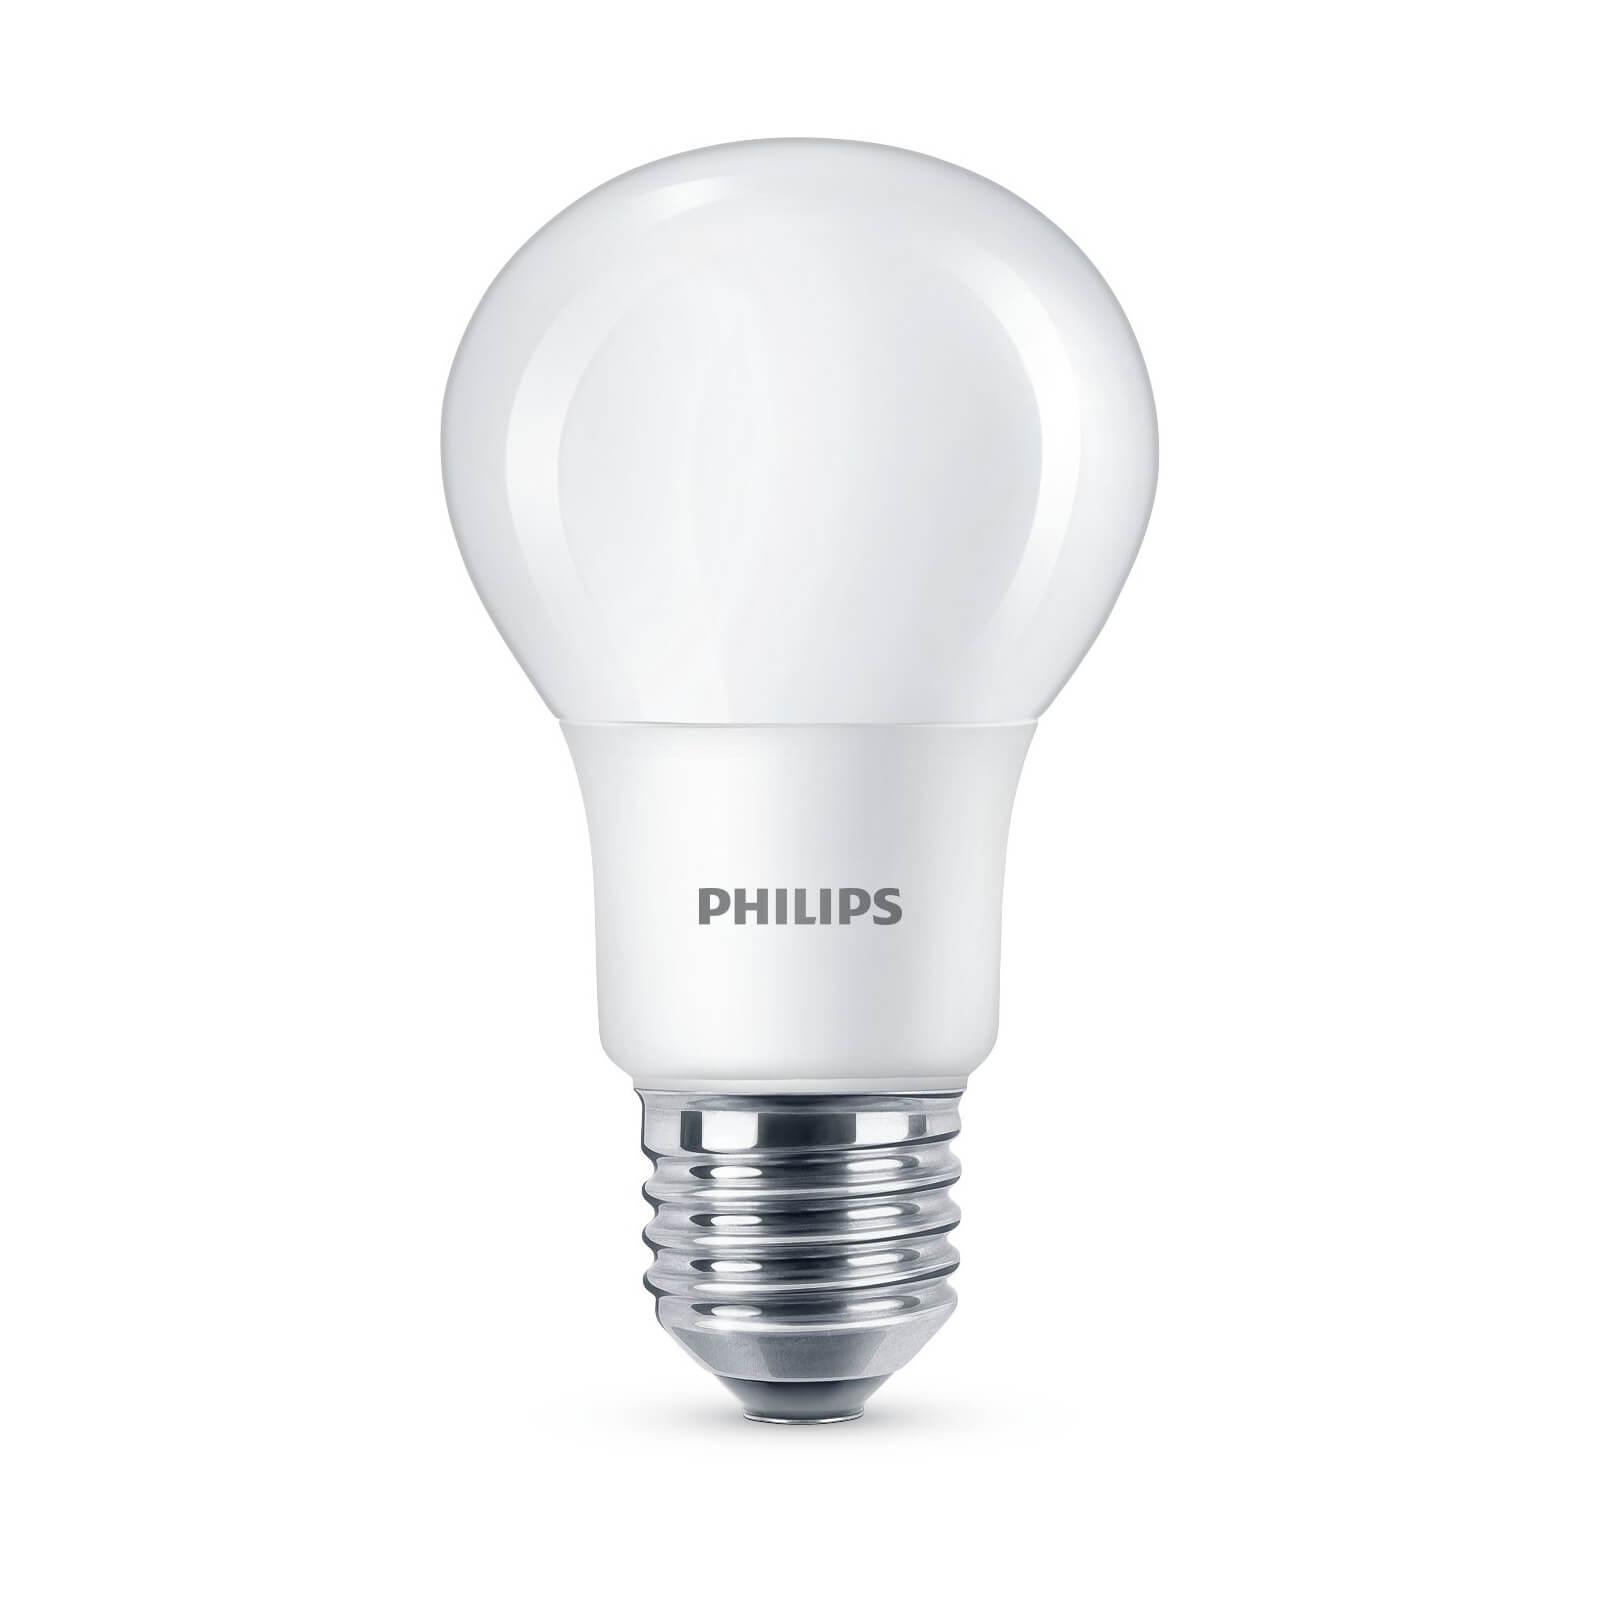 philips led lamp kogel mat 7 5w 60w e27 koel wit. Black Bedroom Furniture Sets. Home Design Ideas